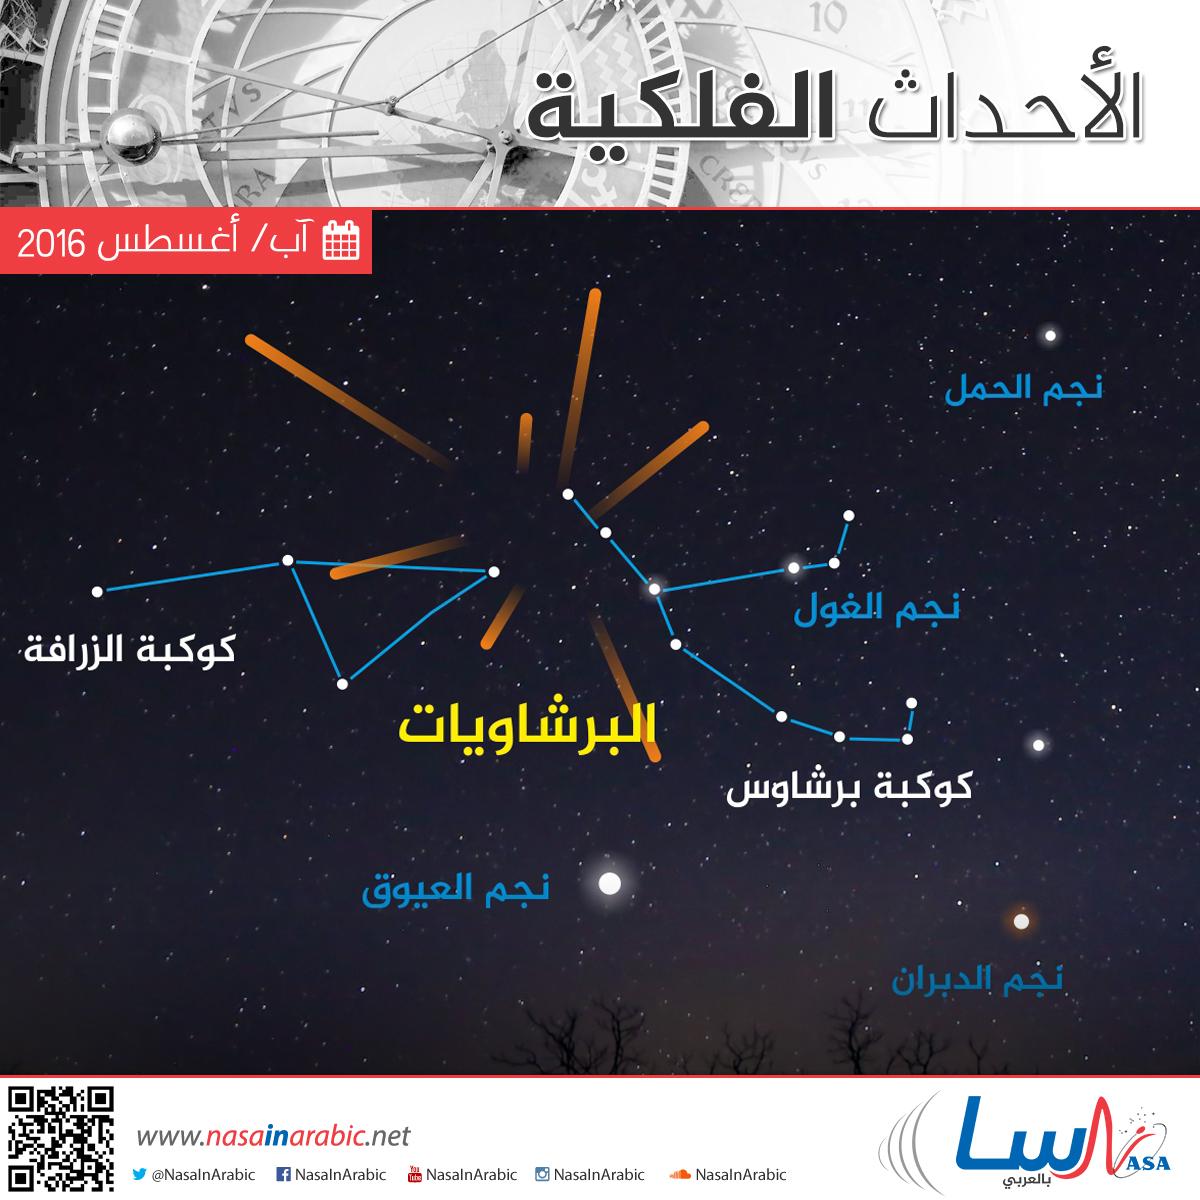 أهم الأحداث الفلكية خلال شهر آب/أغسطس 2016